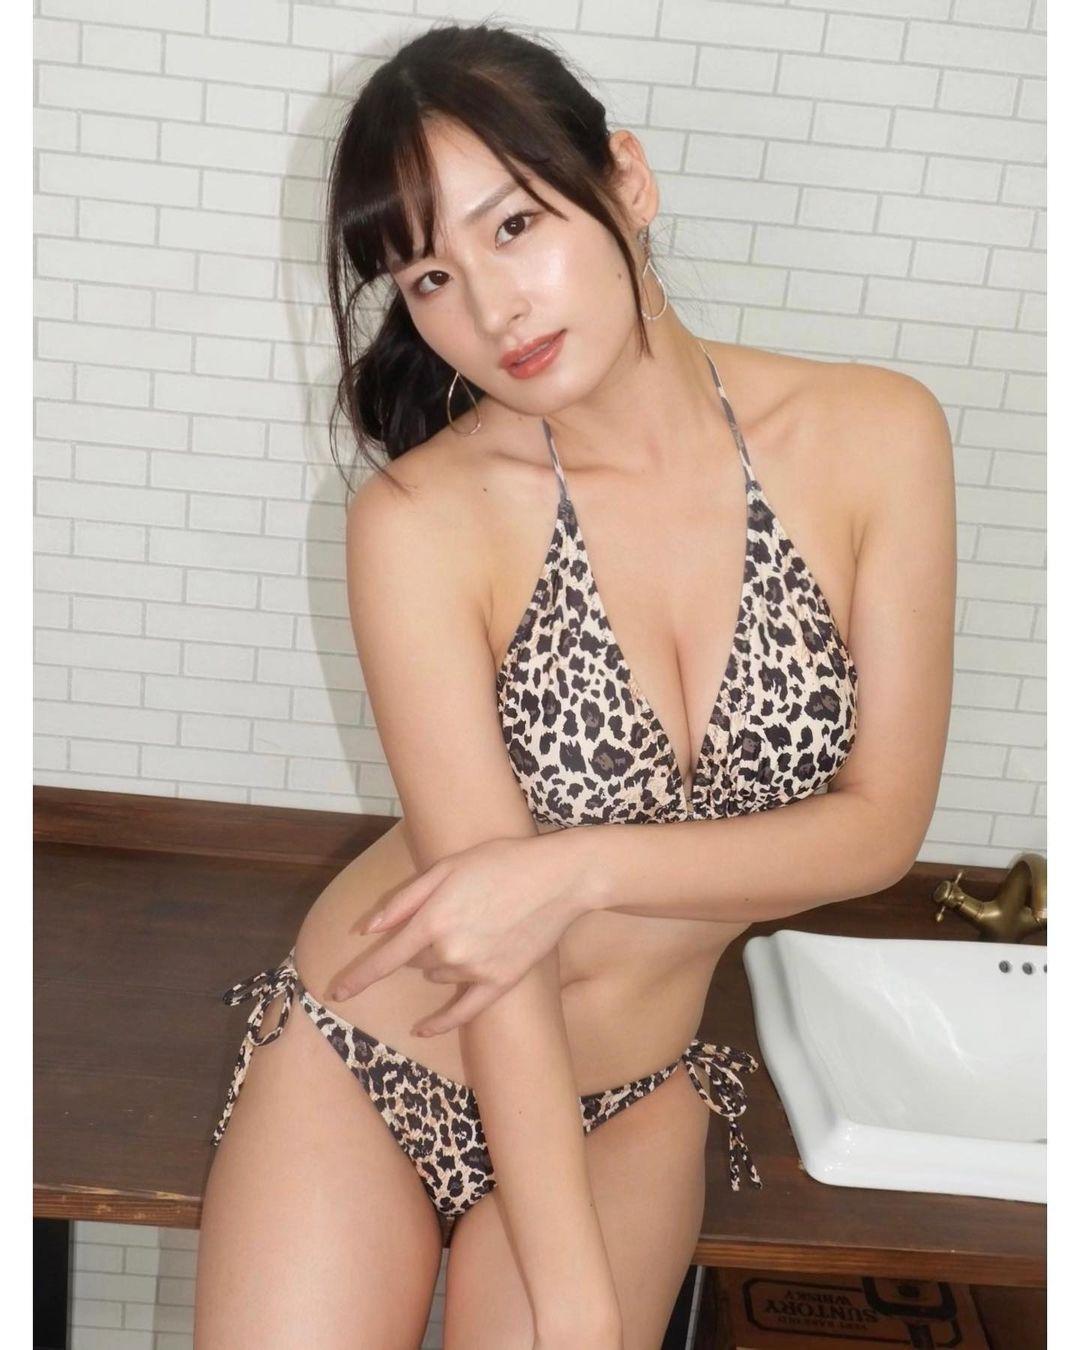 セクシーな豹柄のビキニショットを公開【清瀬汐希さん/2020年12月30日】